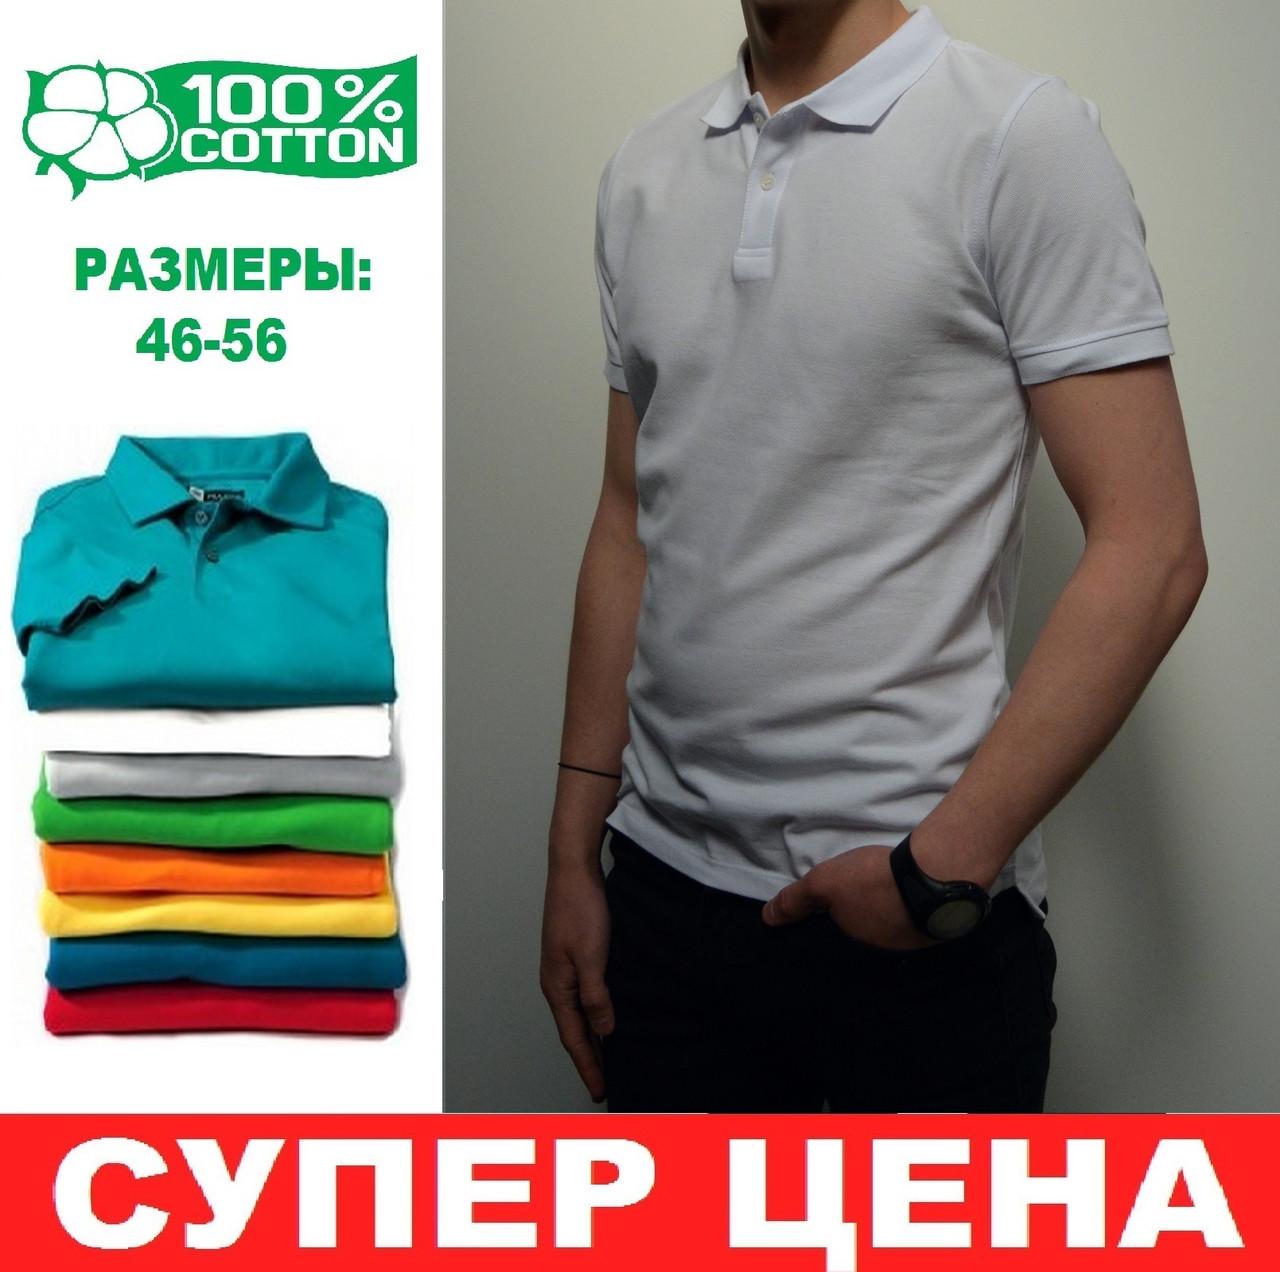 e4692dfdb5418 Мужская футболка Поло, размеры:46-56, премиум качество, 100% хлопок ...